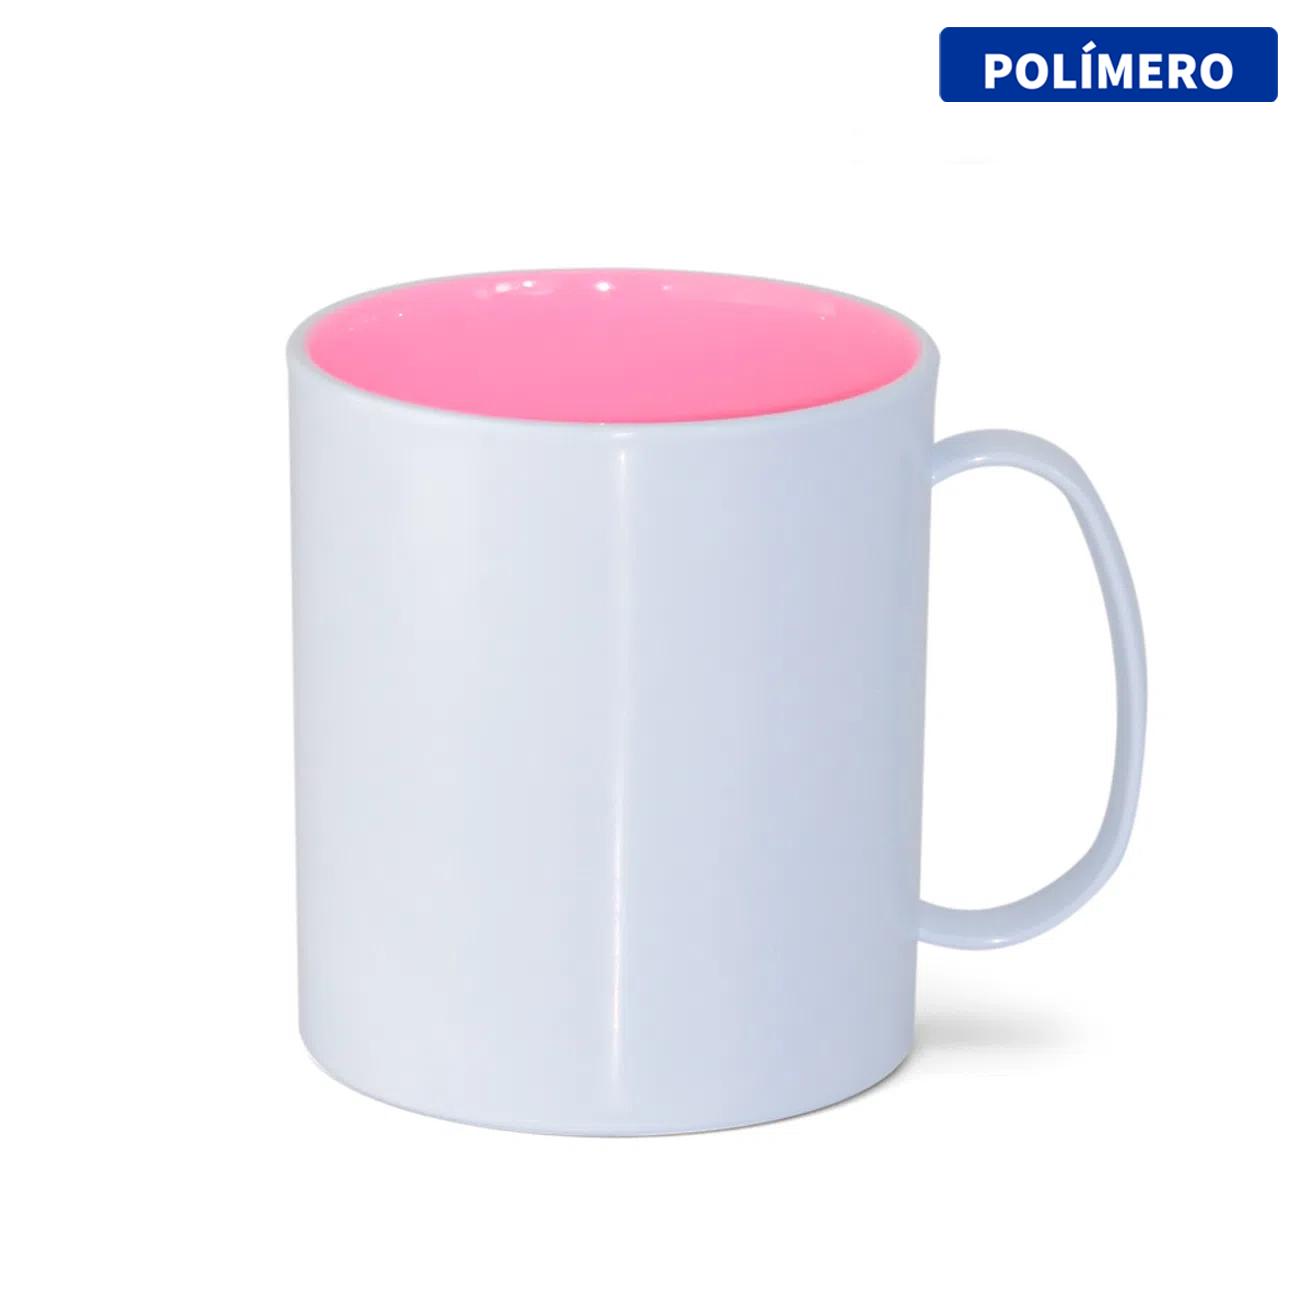 Caneca de Polímero Para Sublimação com Interior Rosa Bebê - 325ml